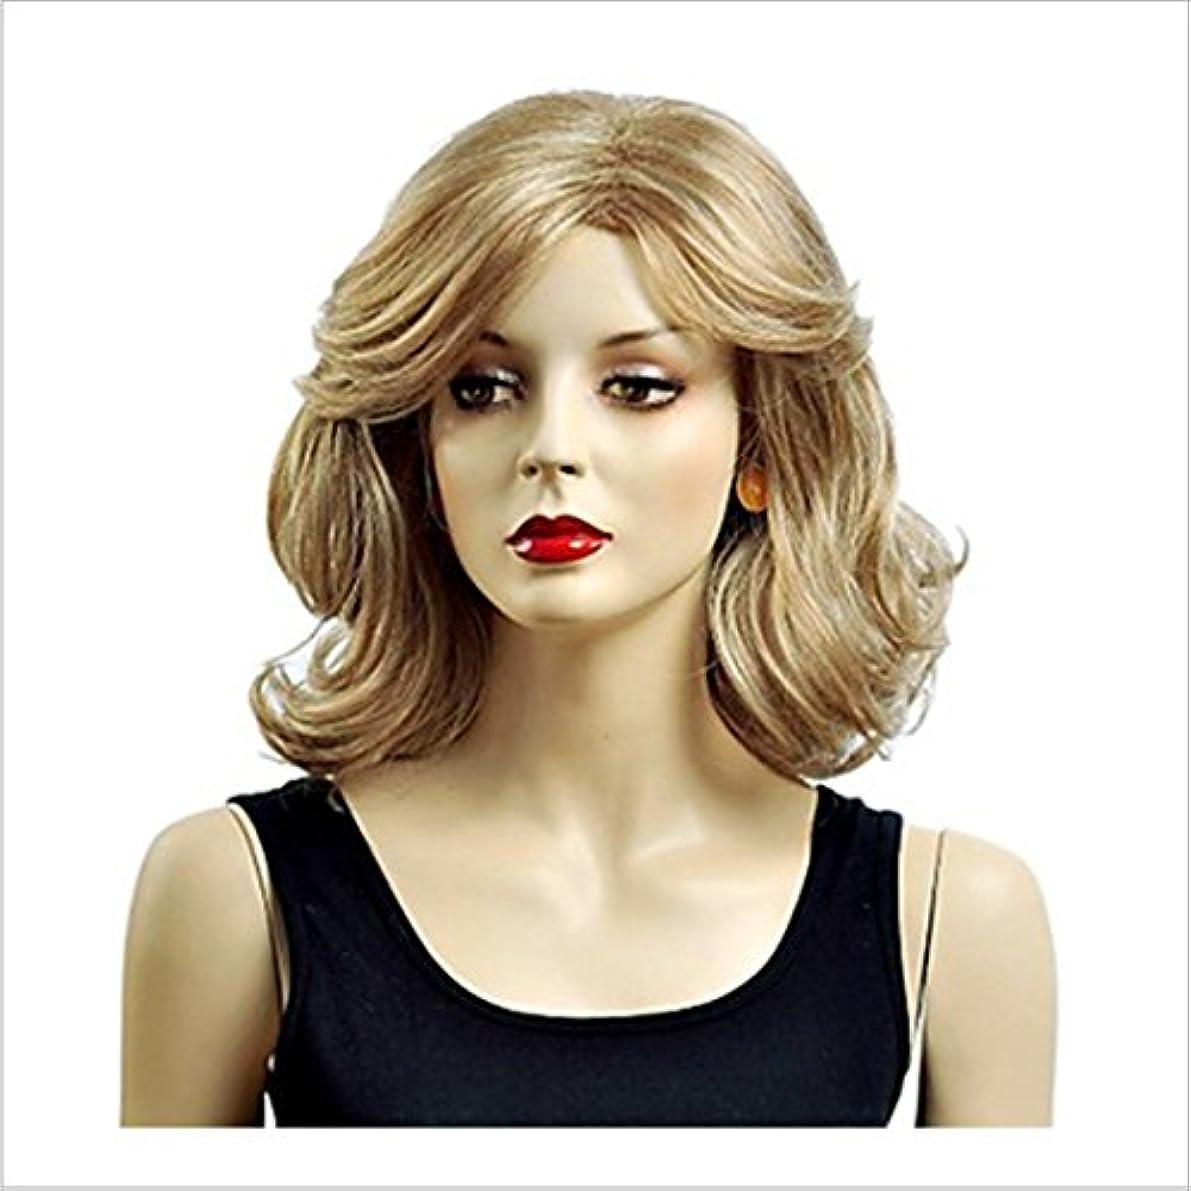 比較居住者タンカーYOUQIU スプリット前髪16で耐性ホワイトゴールドの女性のカーリーウィッグショートふわふわ波状人工毛自然なカーリーウィッグデイリーウィッグ耐熱ウィッグのために「」180グラム(ゴールド)ウィッグ (色 : ゴールド)